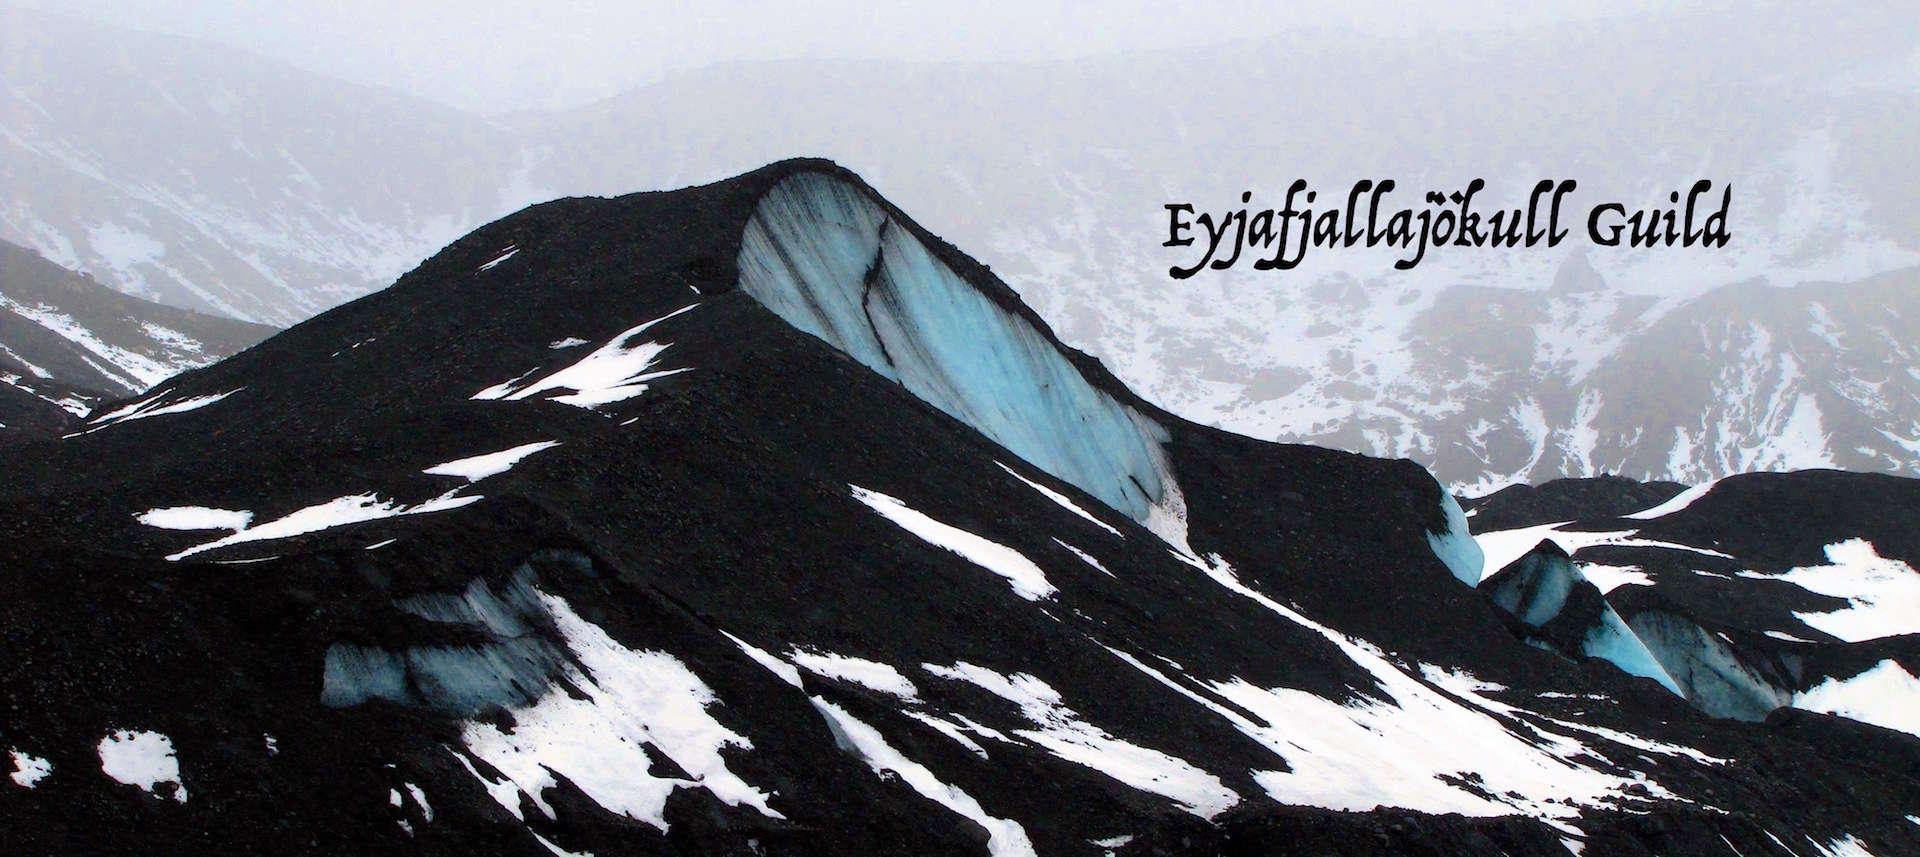 Гильдия Эйяфьядлайёкюдль